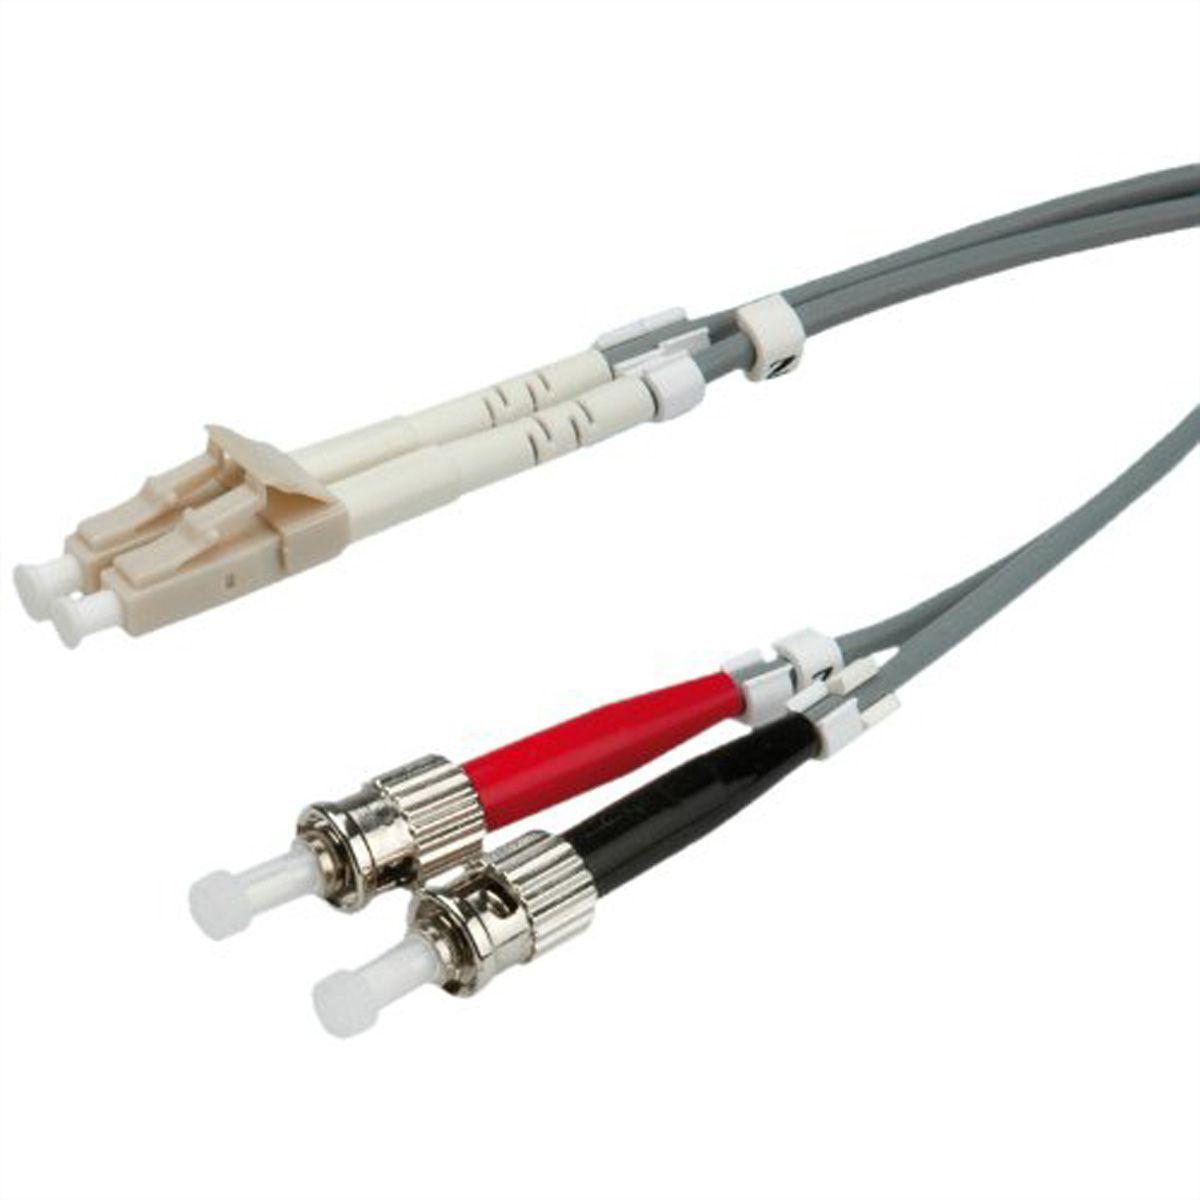 ROLINE Fibre Optic Jumper Cable 50/125µm LC/ST, OM2, grey